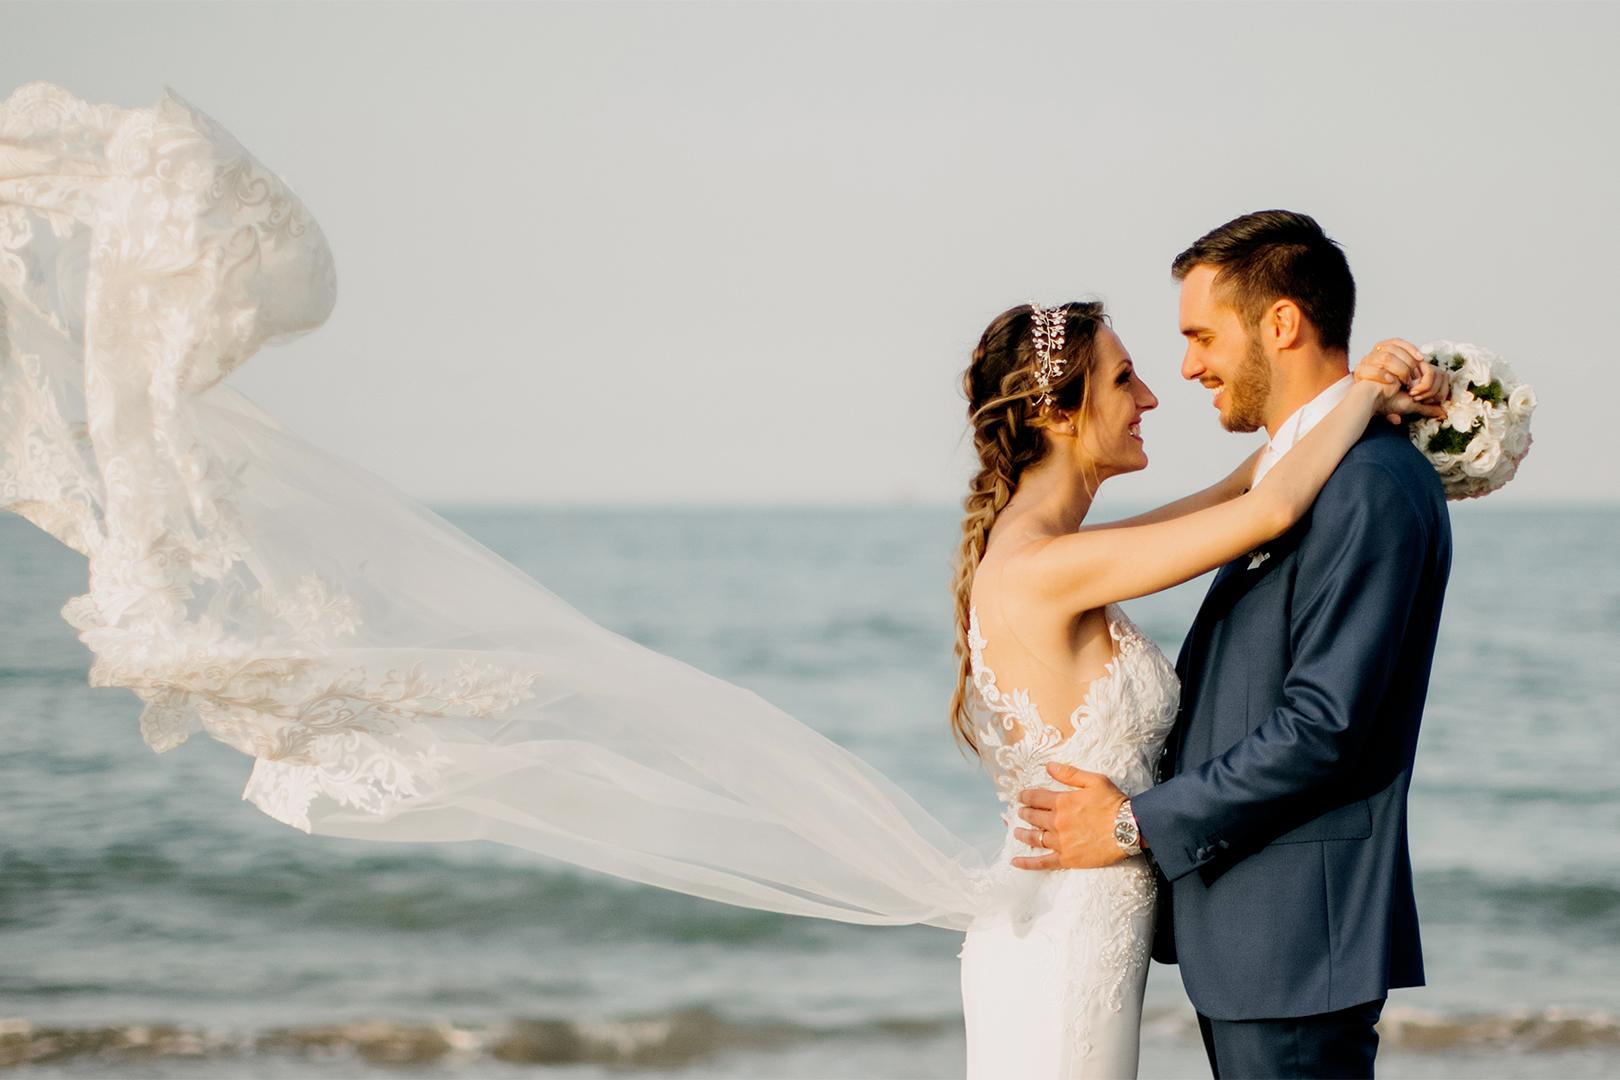 44 gianni-lepore-fotografo-sposi-groom-bride-lungomare-silvi-spiaggia-mare-matrimonio